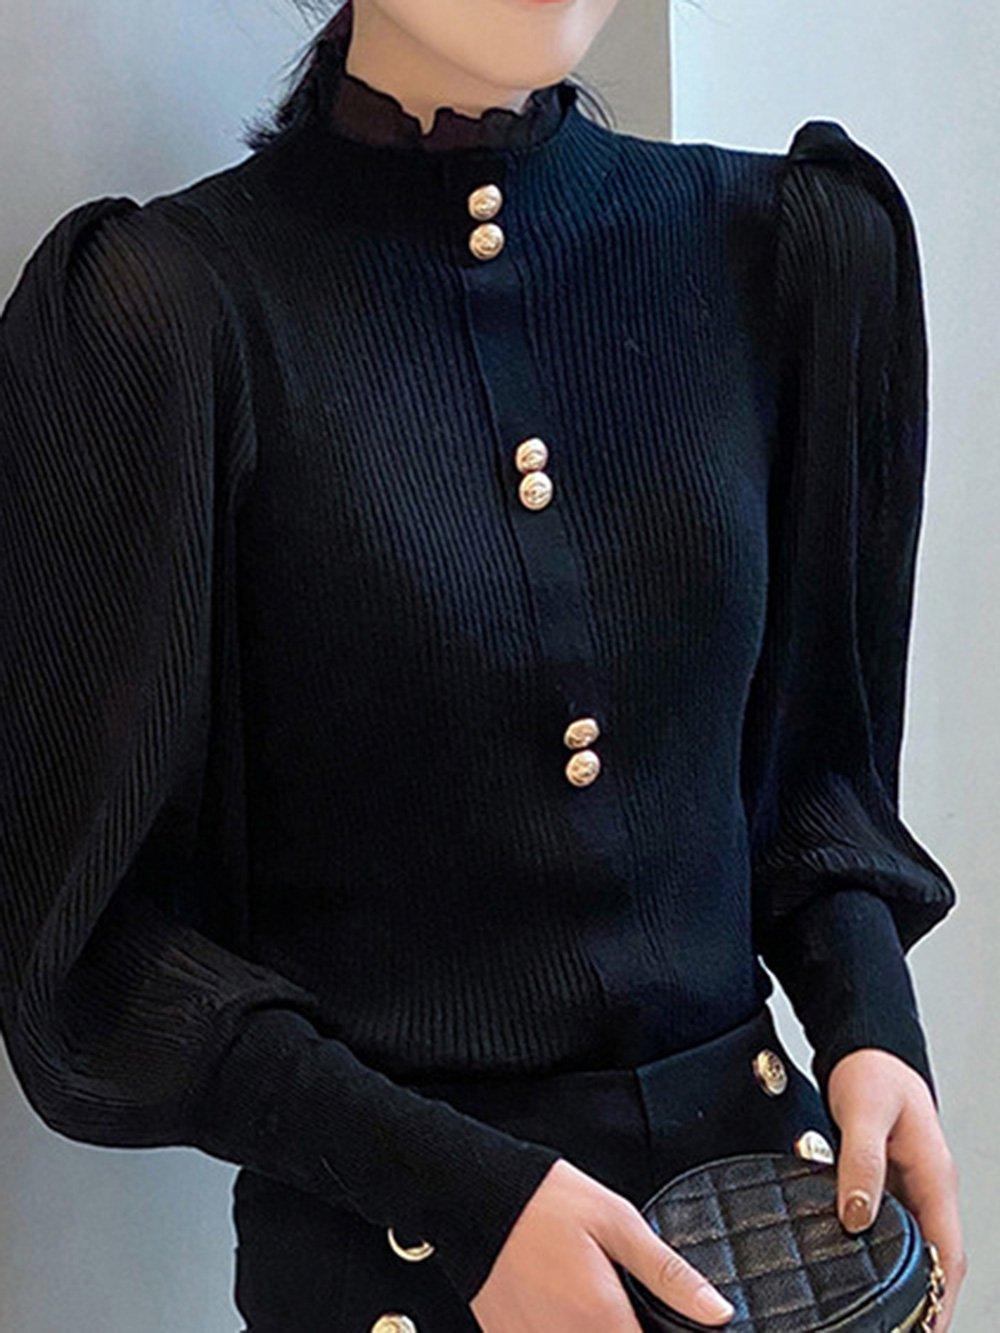 【広州仕入れ】ハイネック リブランタン袖セーター